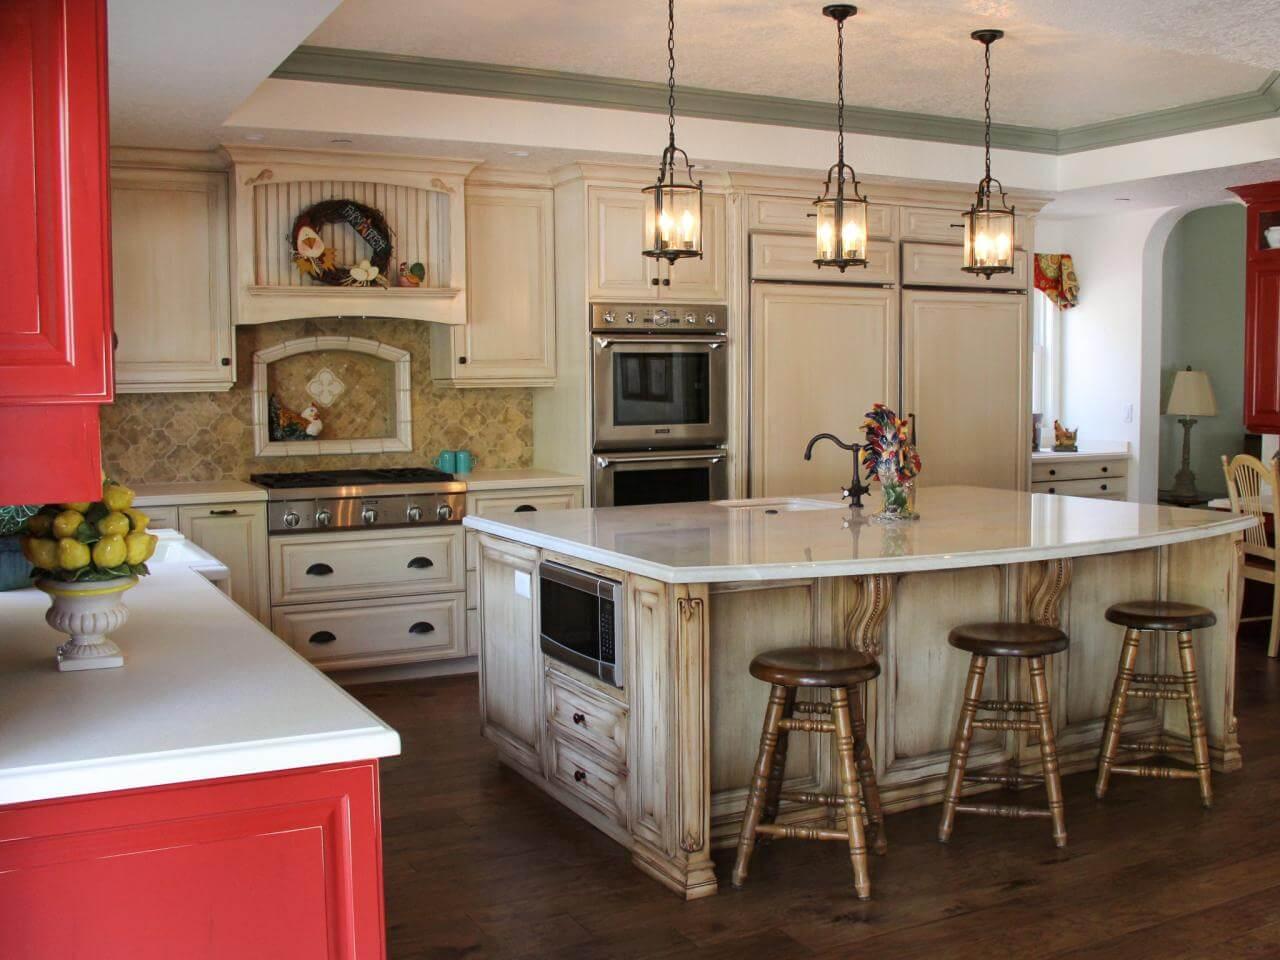 Кухня в стиле кантри - фото 2